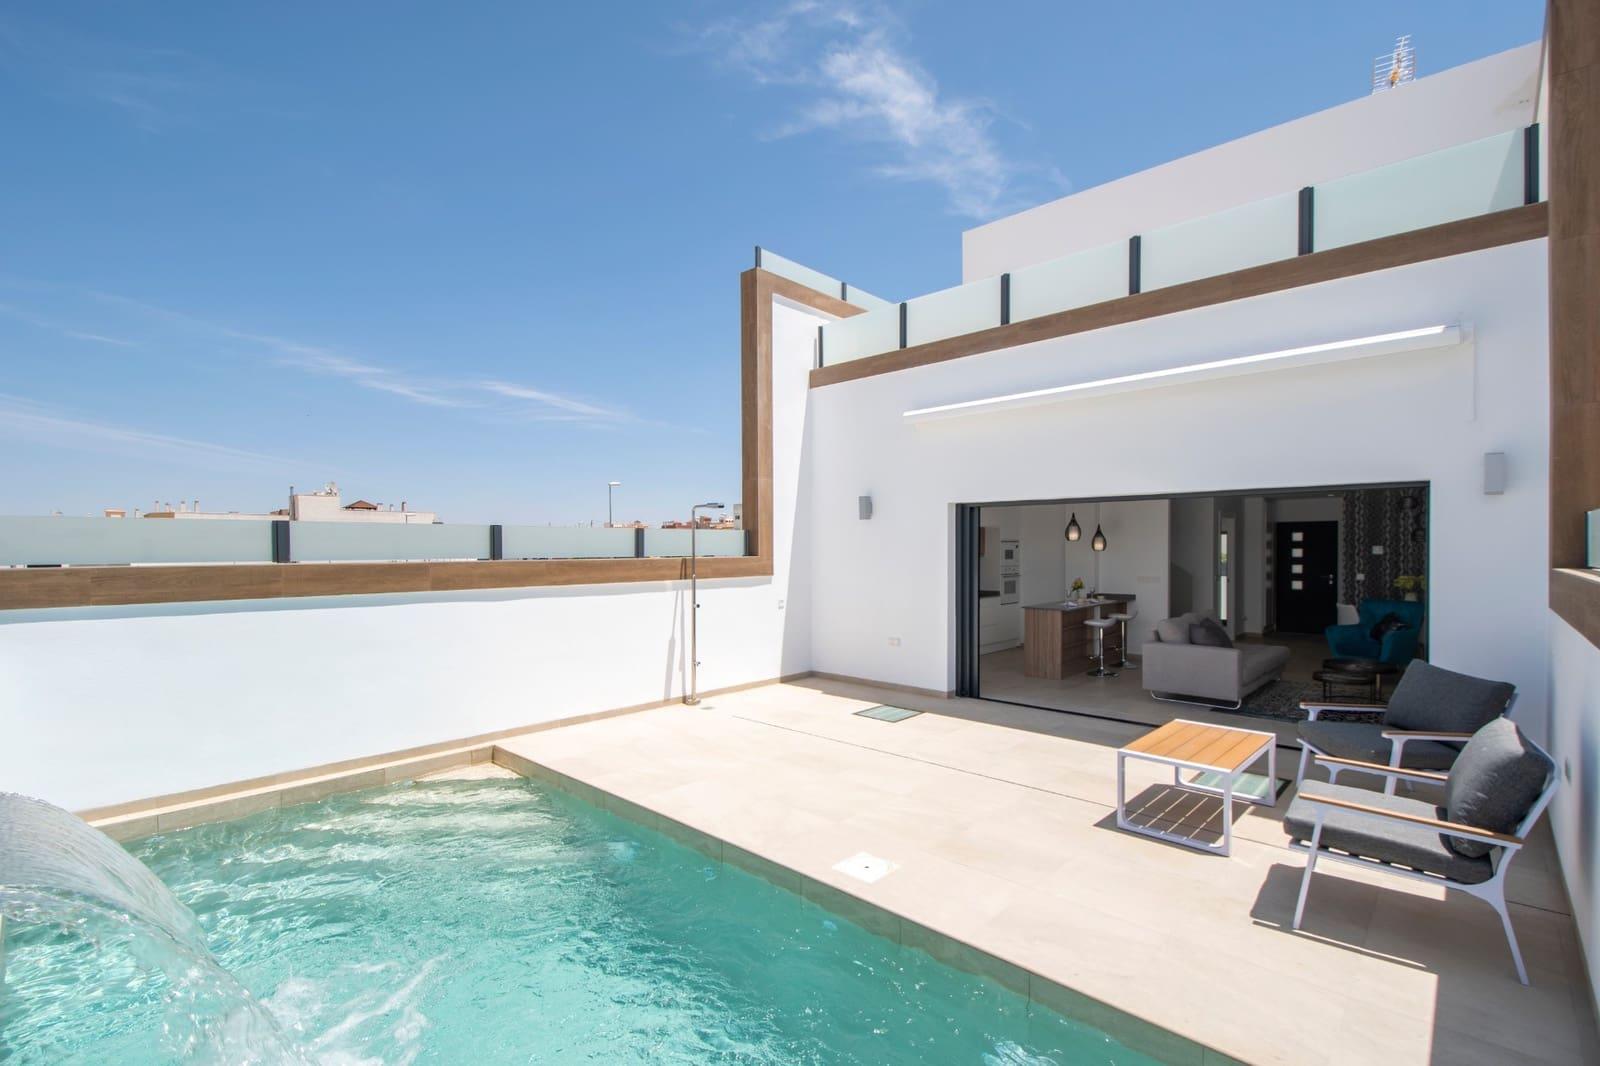 Chalet de 3 habitaciones en Benijófar en venta con piscina - 235.000 € (Ref: 4824666)